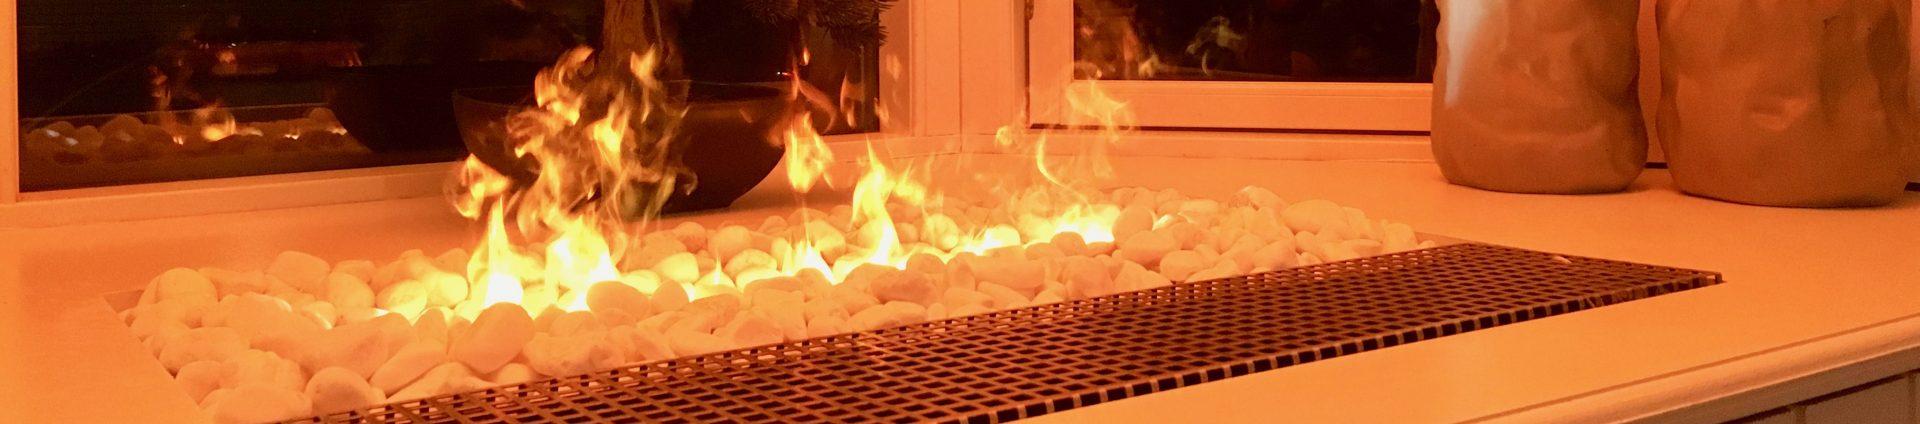 kaminfeuer mit wasserdampf